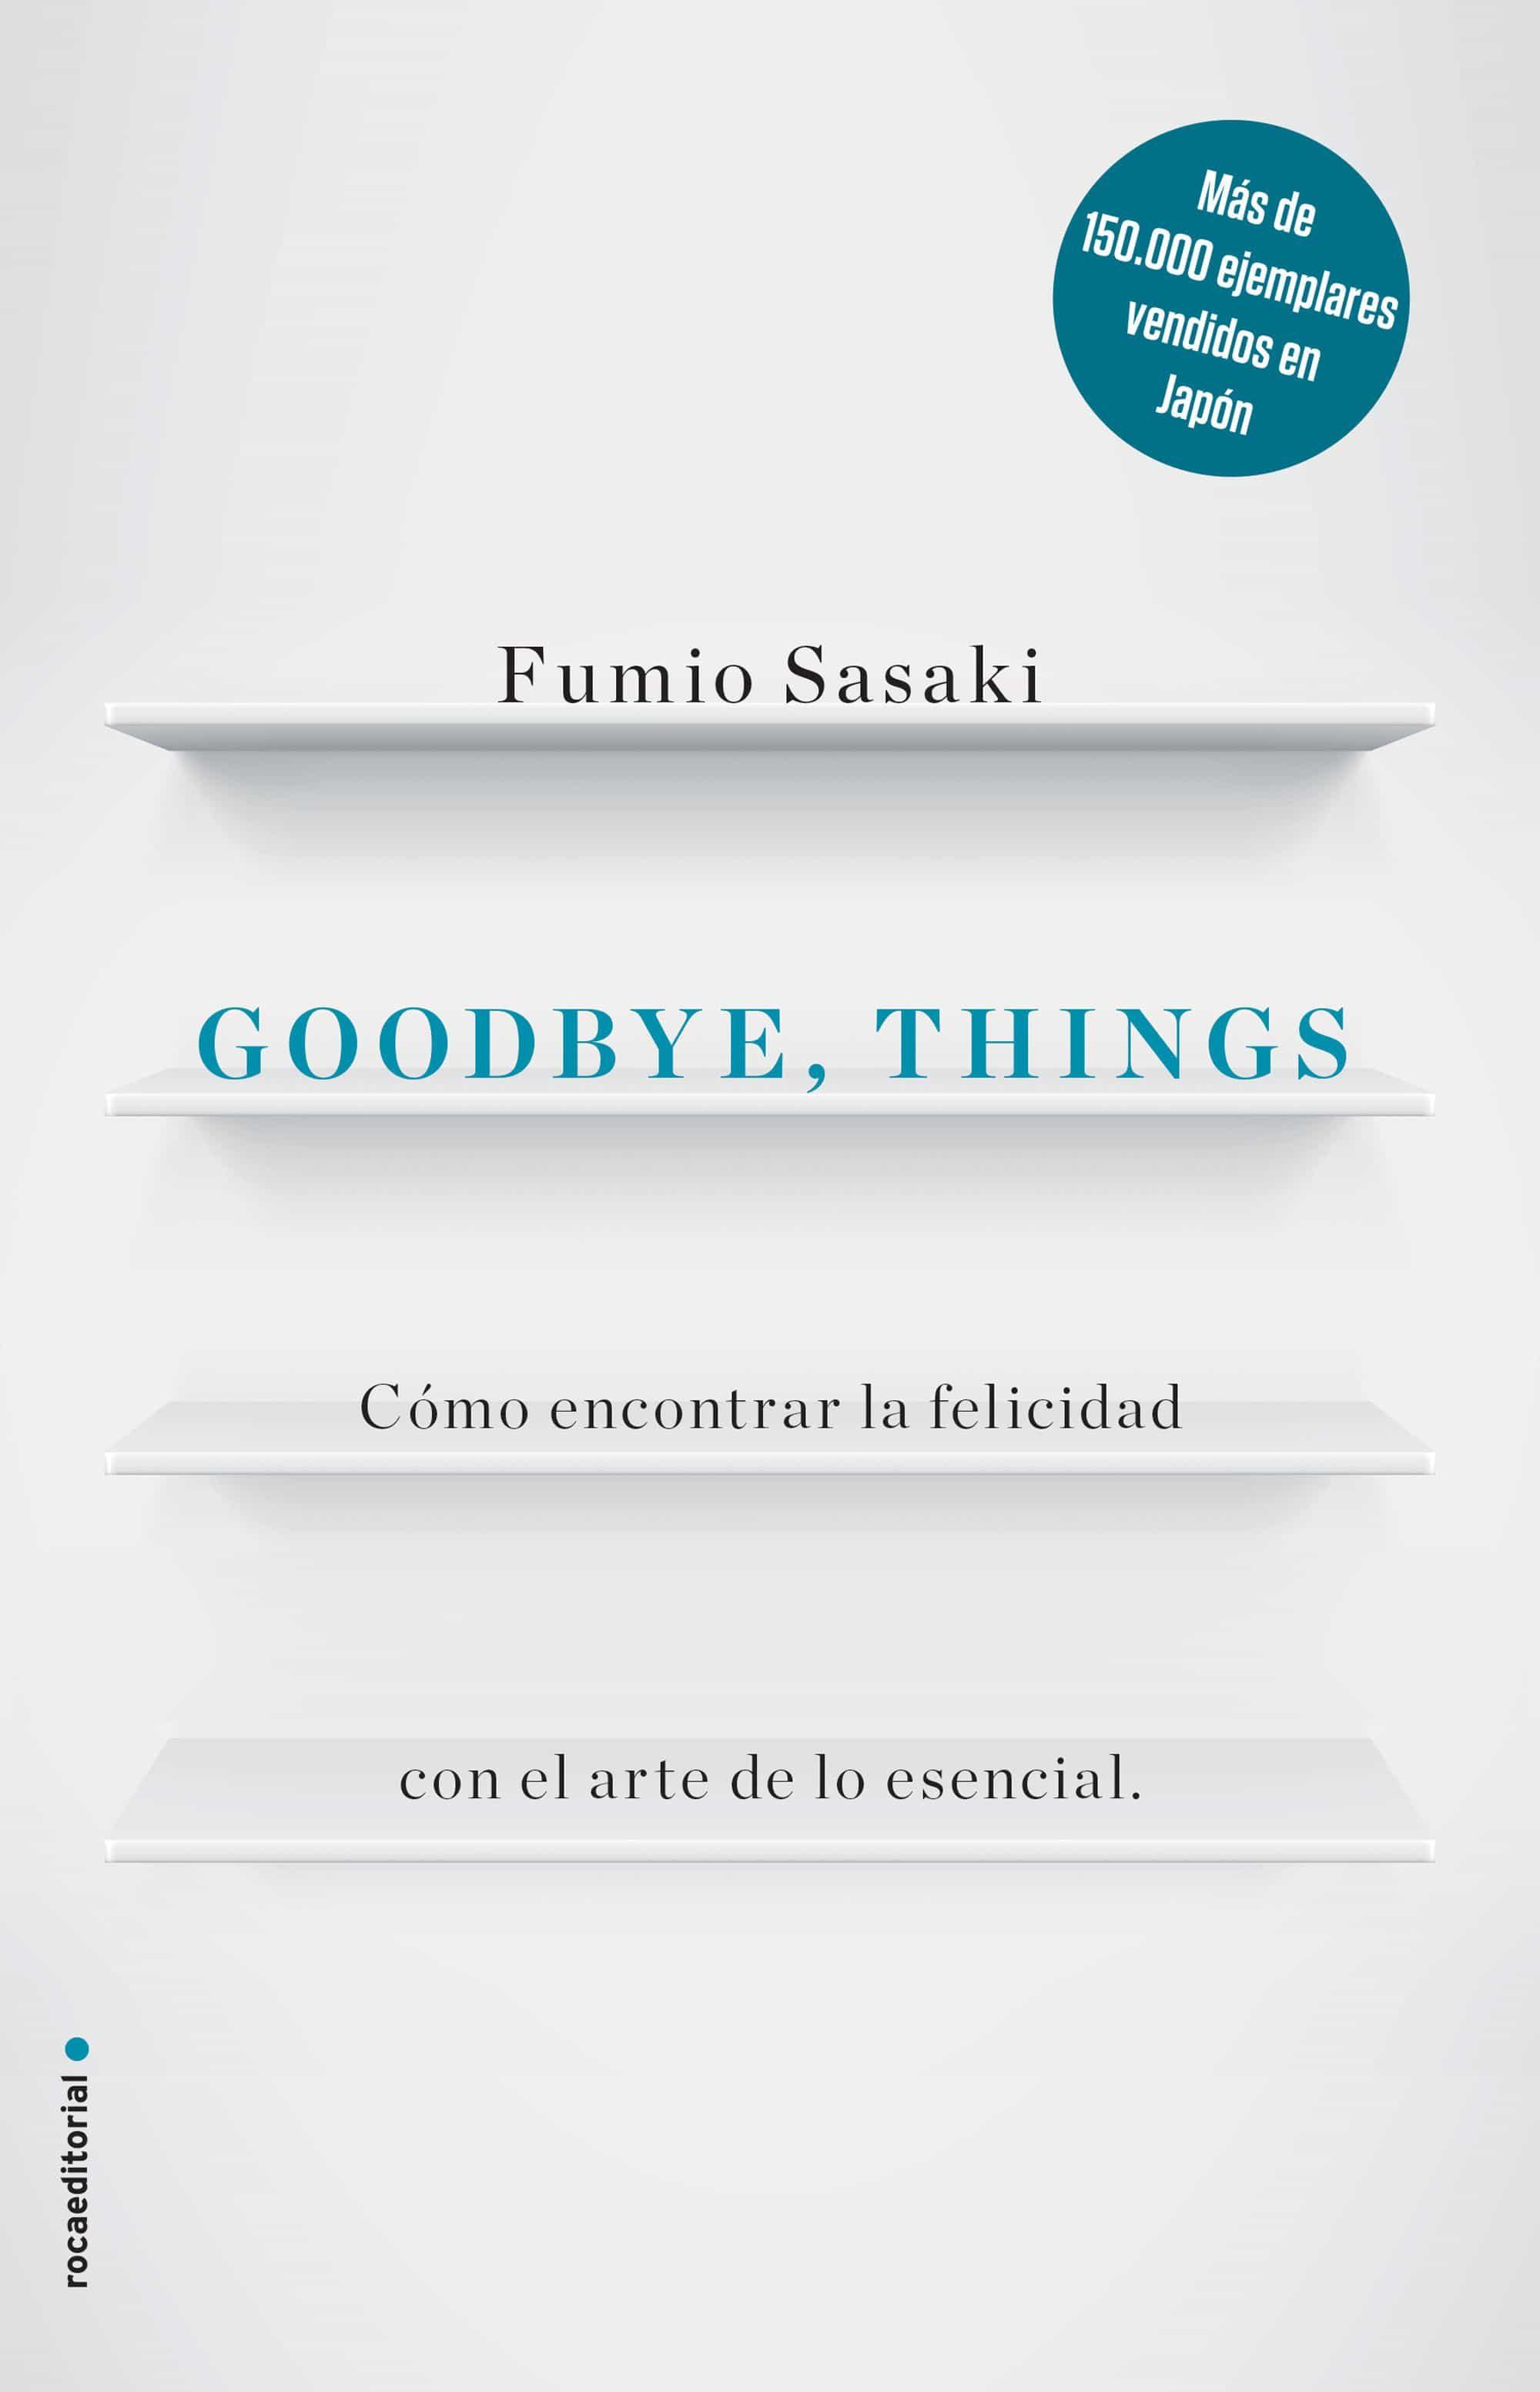 Goodbye, Things   por Fumio Sasaki